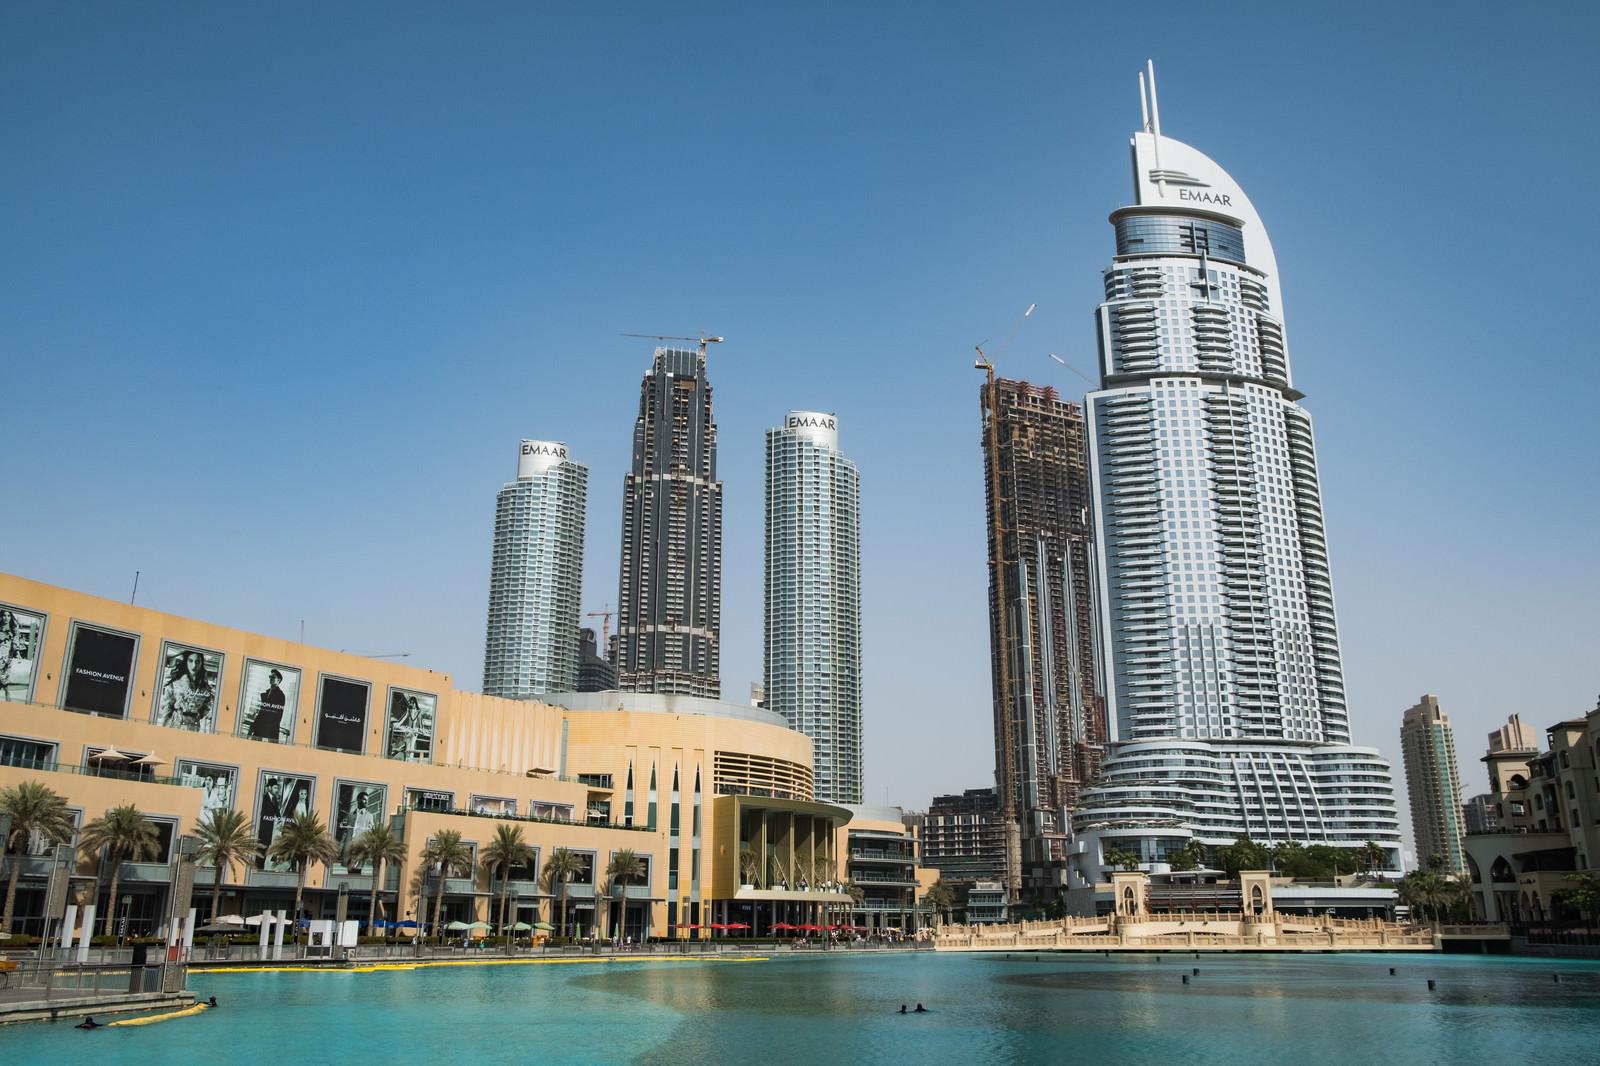 「ドバイ モールと高層ビル群の街並み(ドバイ)」の写真